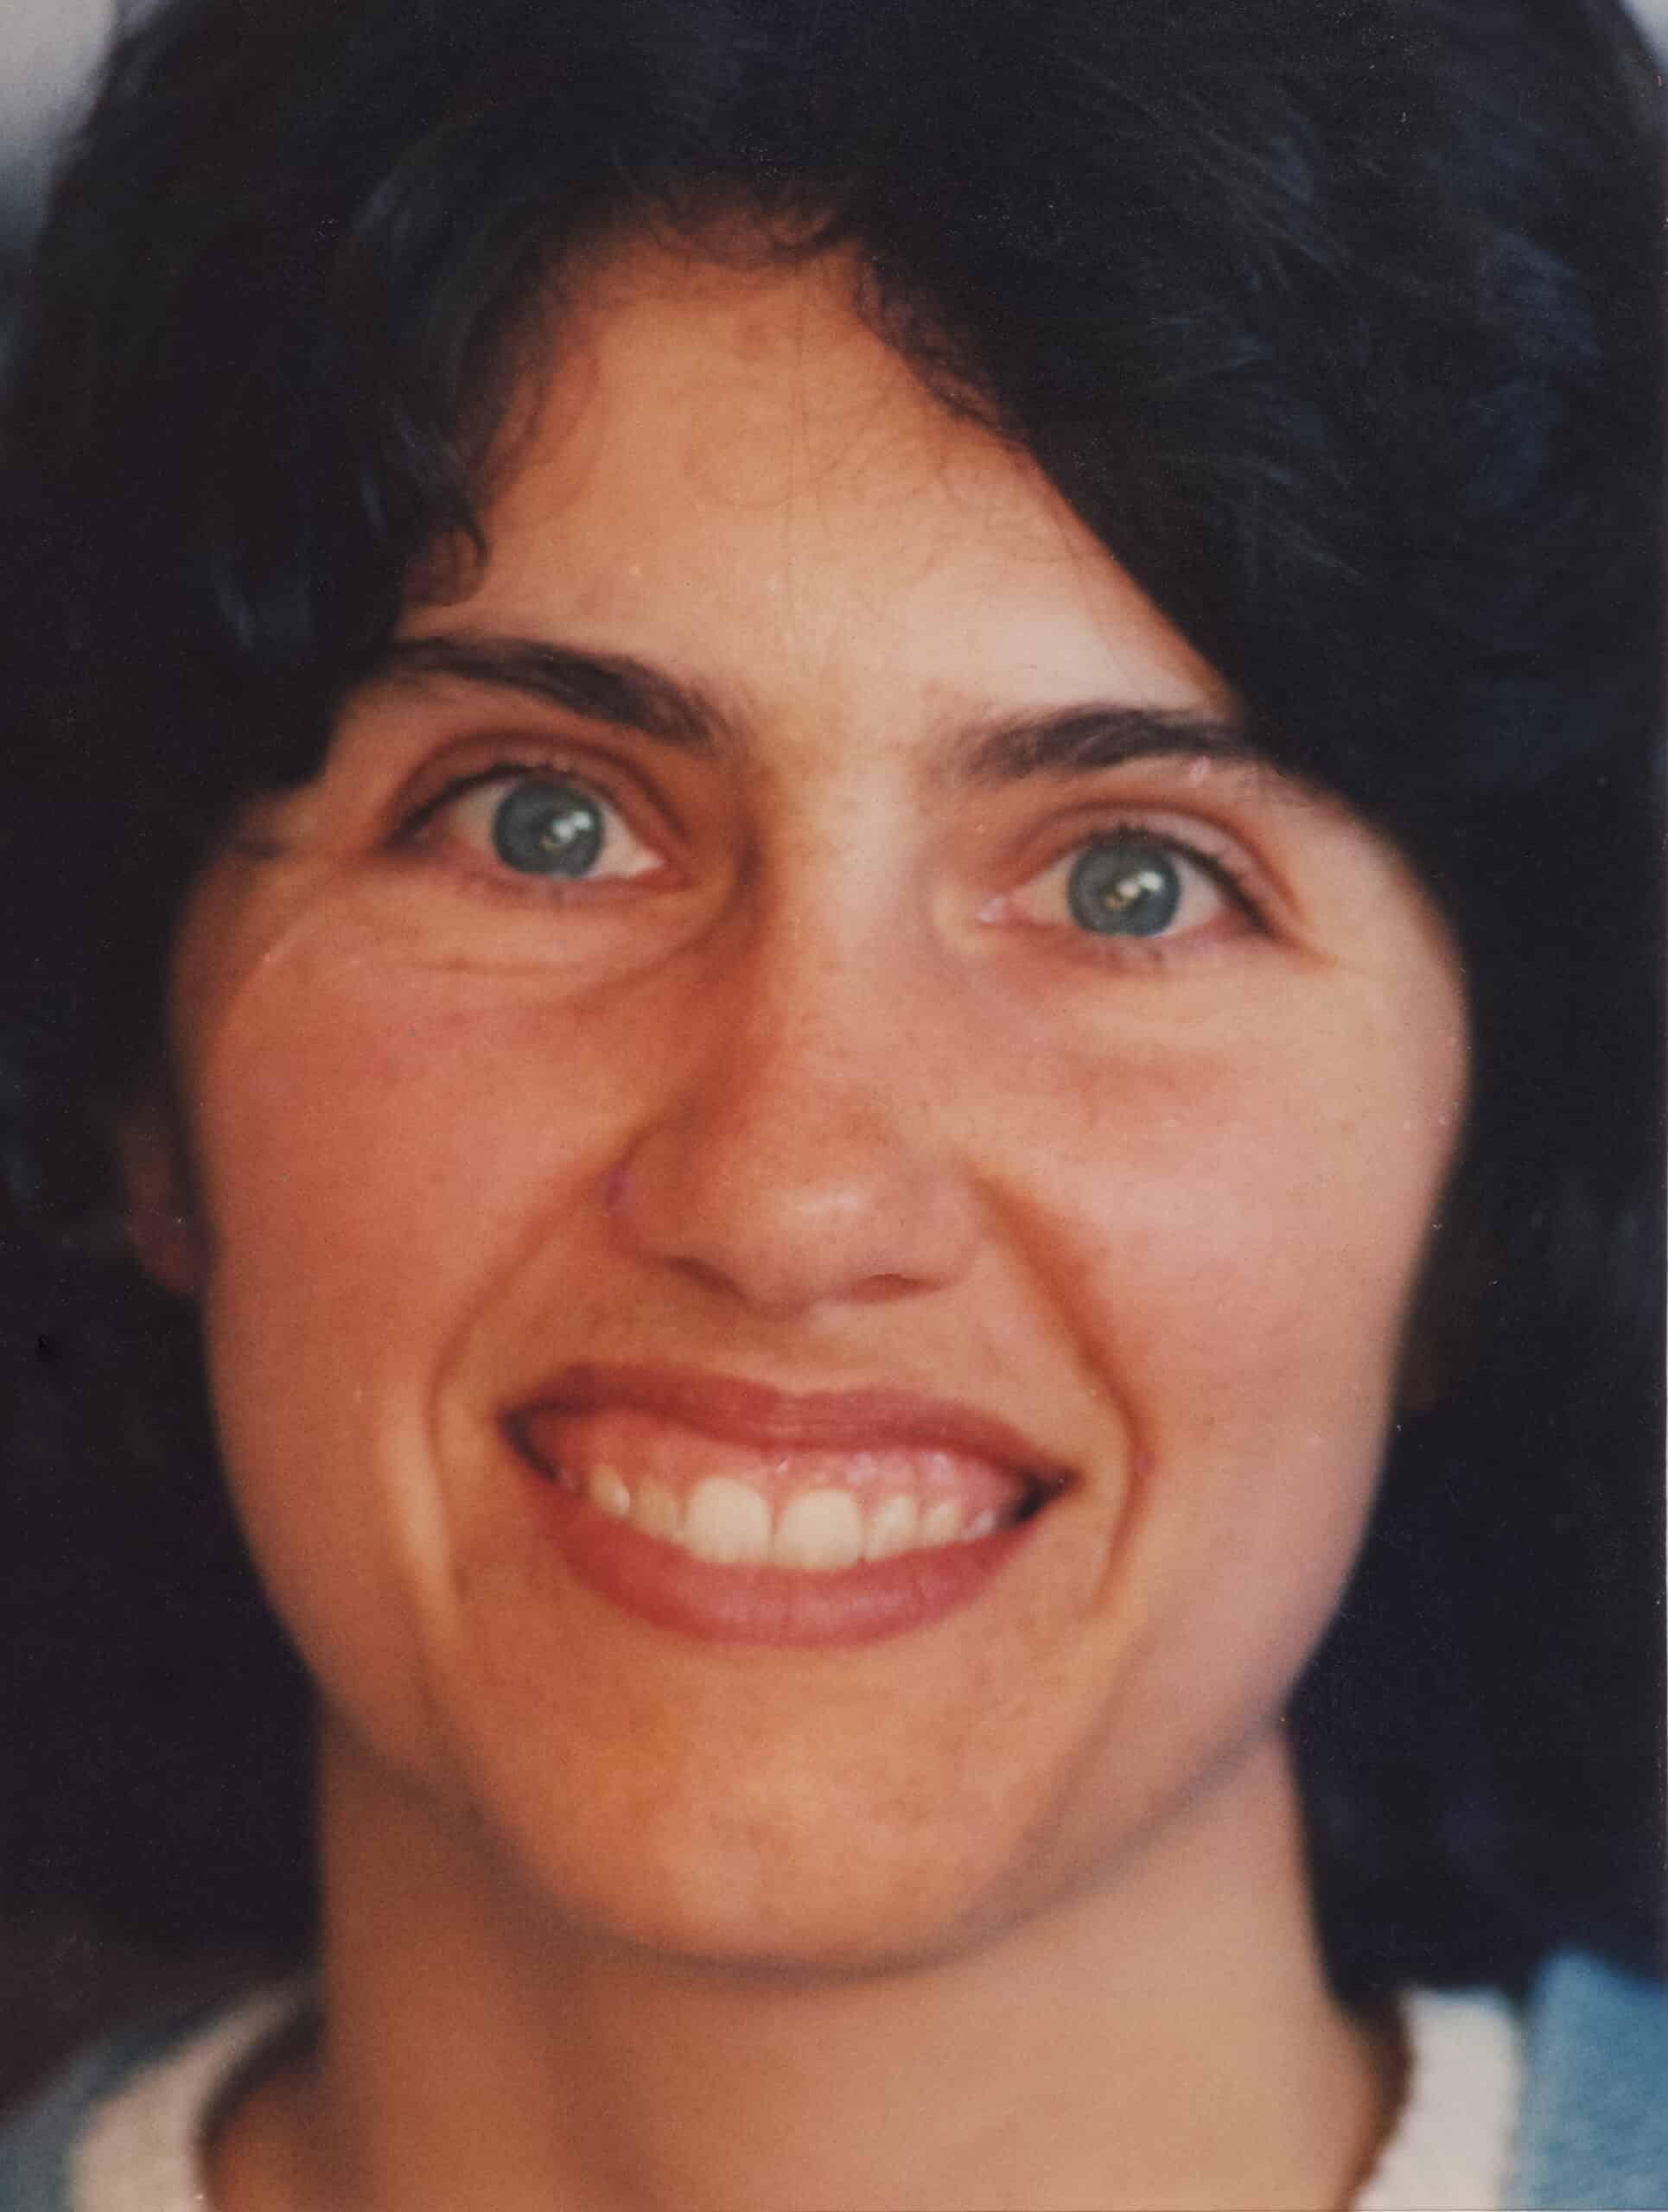 Photo of Lisa taken by Gangaji